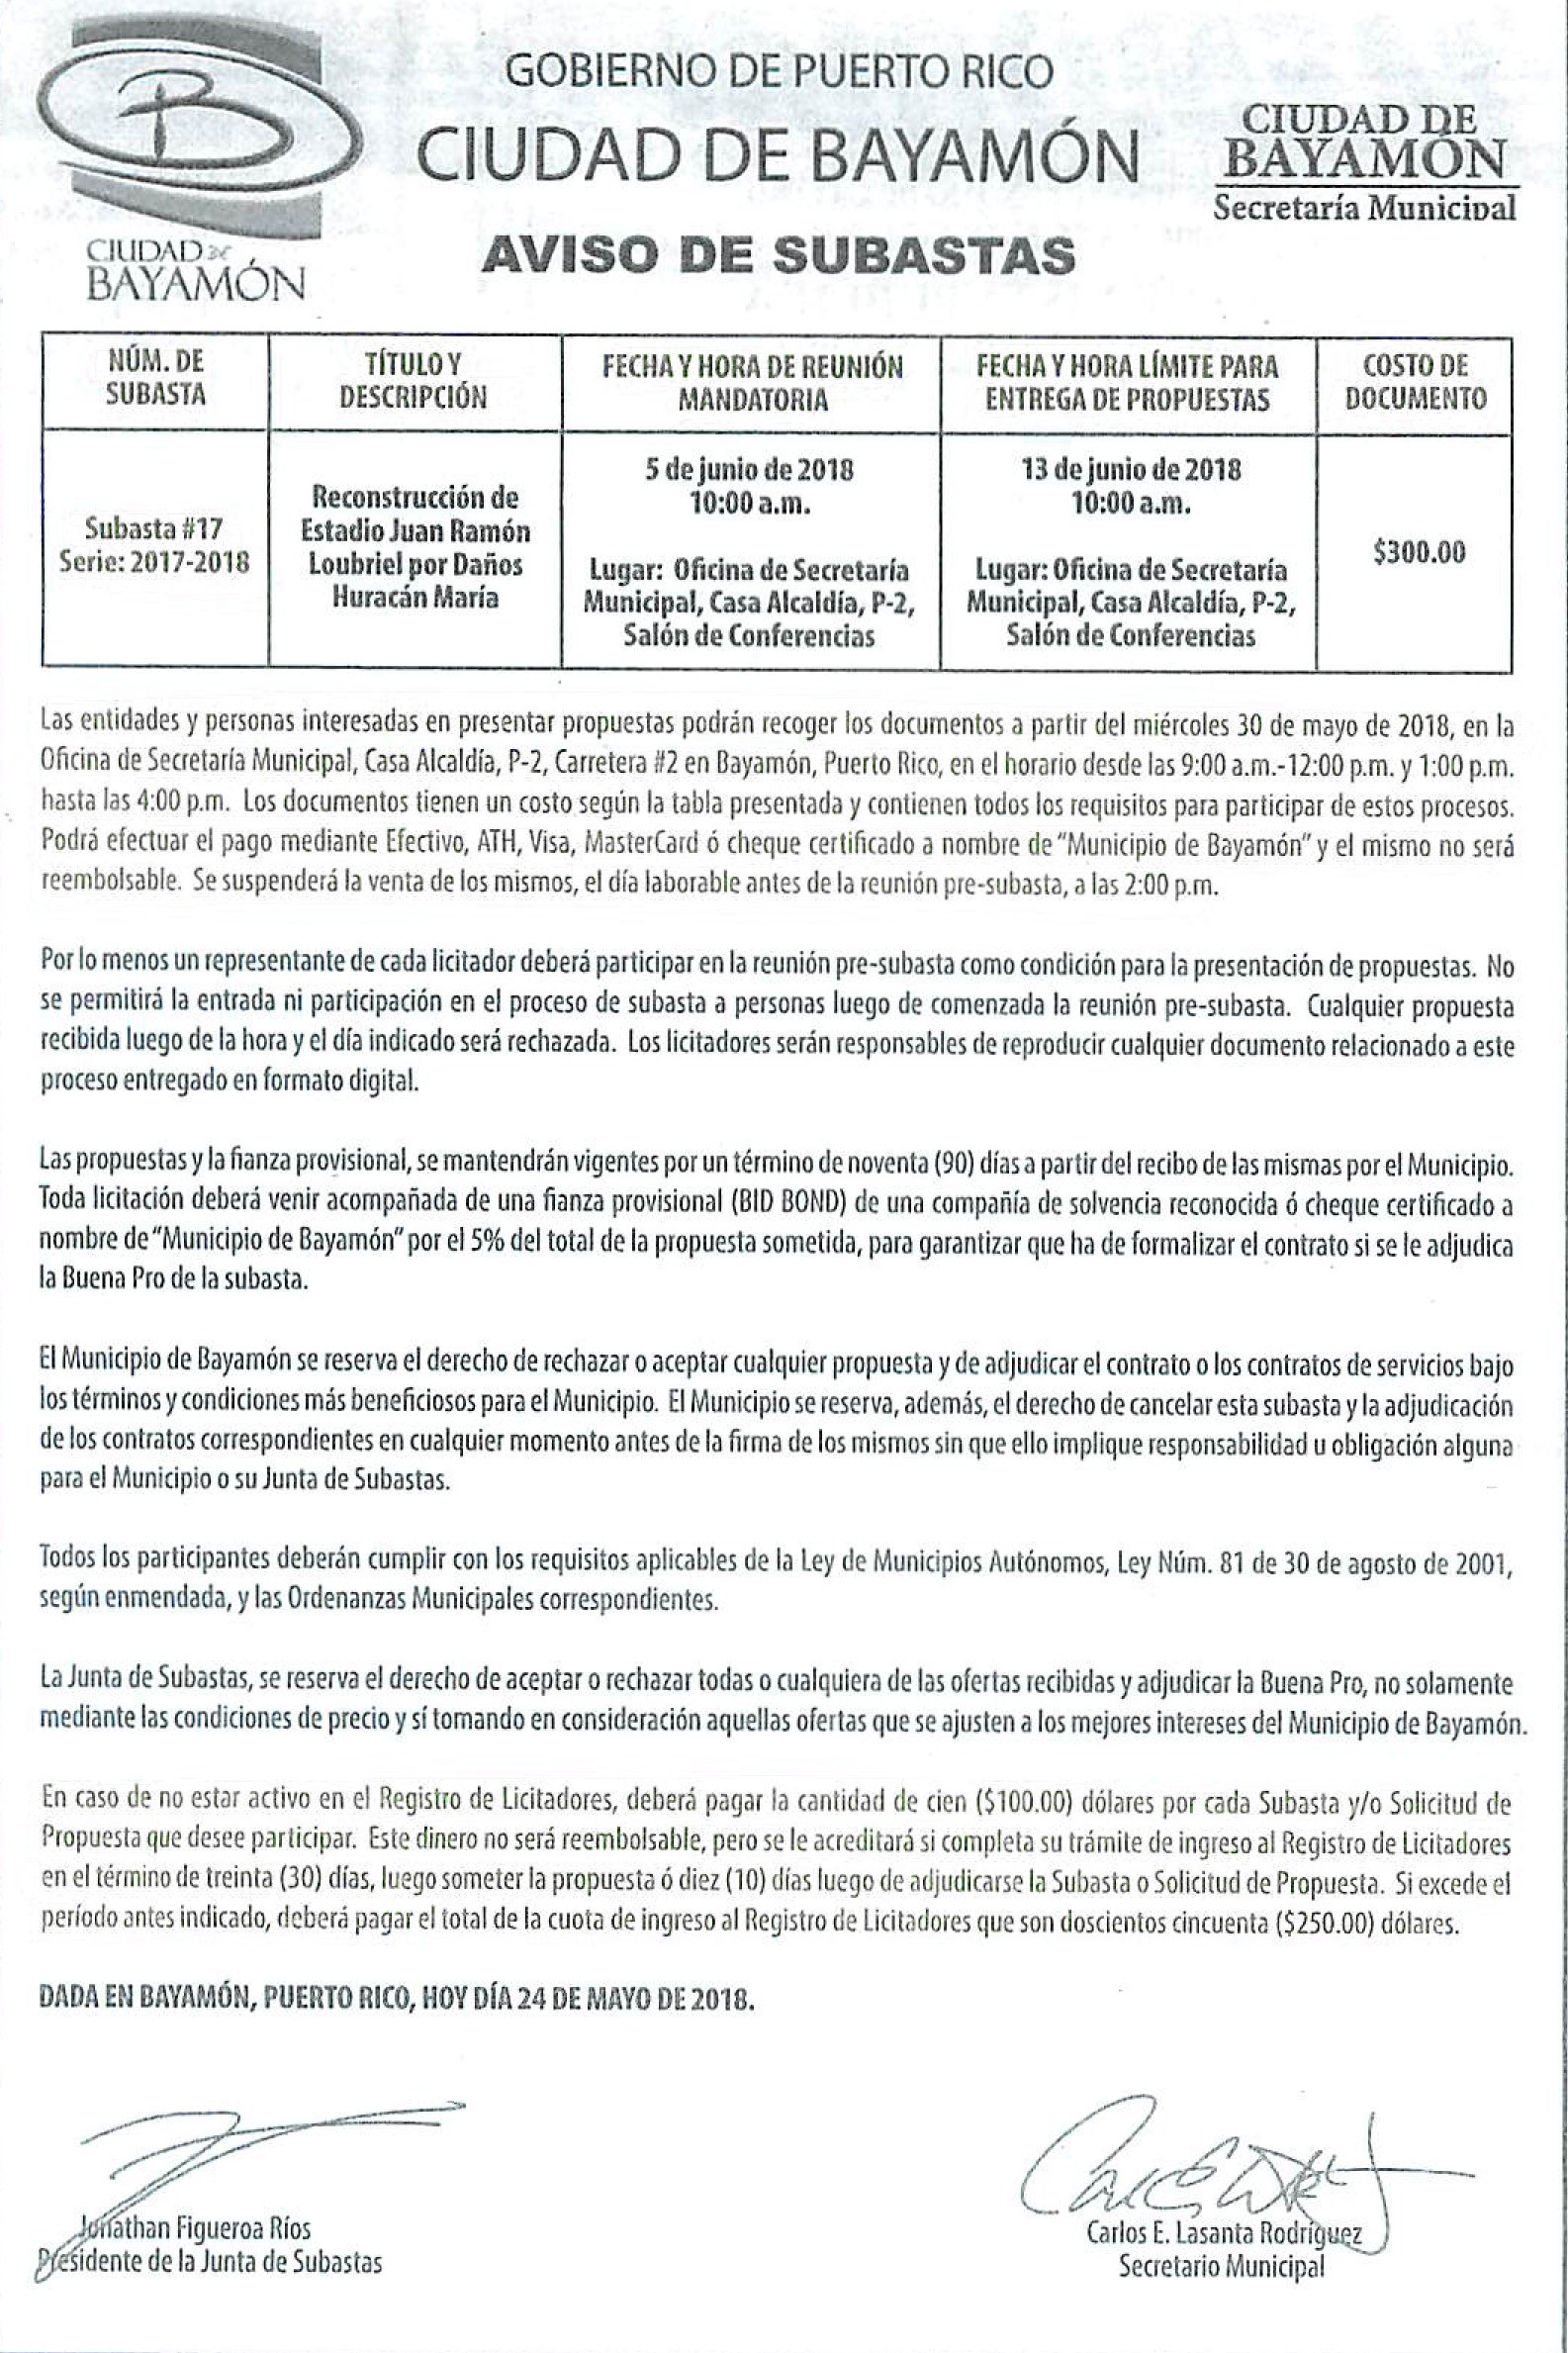 Calendario Escolar 2019 Puerto Rico Más Caliente Avisos Pºblicos Ciudad De Bayam³n Of Calendario Escolar 2019 Puerto Rico Más Recientemente Liberado Universidad De Puerto Rico Humacao – Universidad De Puerto Rico Humacao